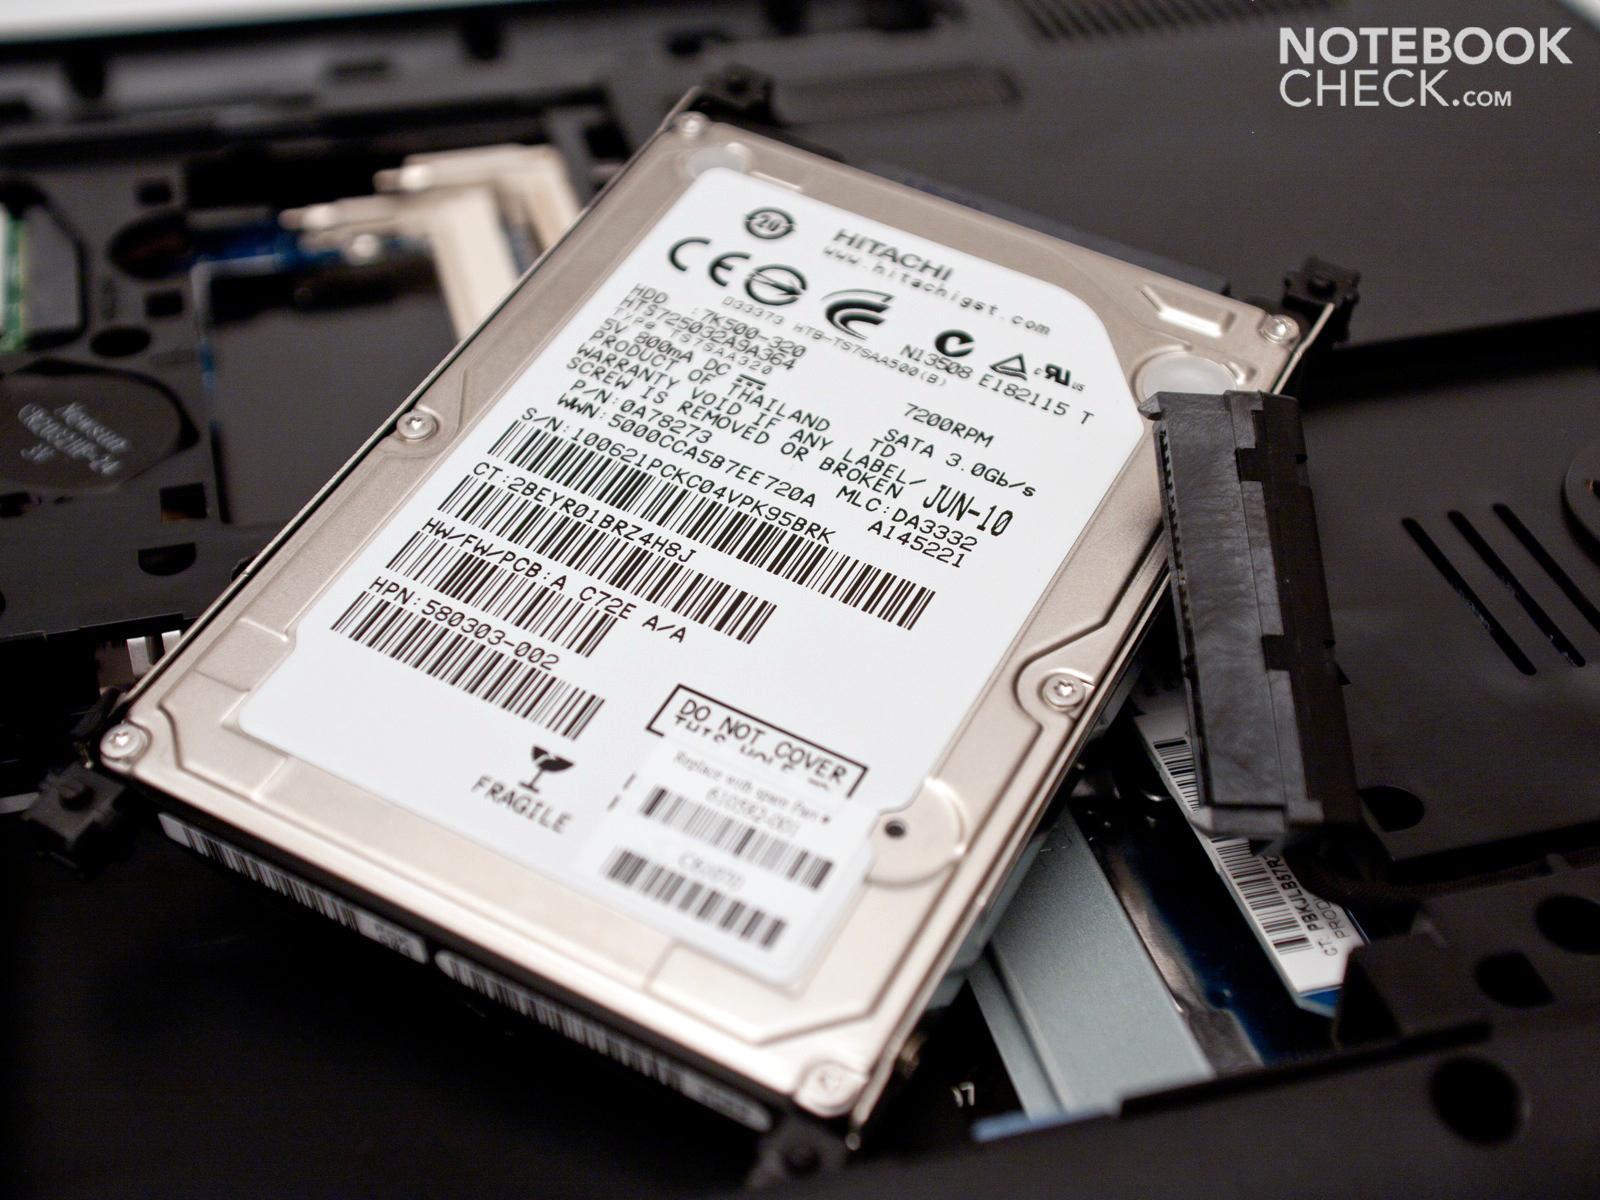 Análisis del Portátil HP Compaq Presario CQ62 - Notebookcheck.org